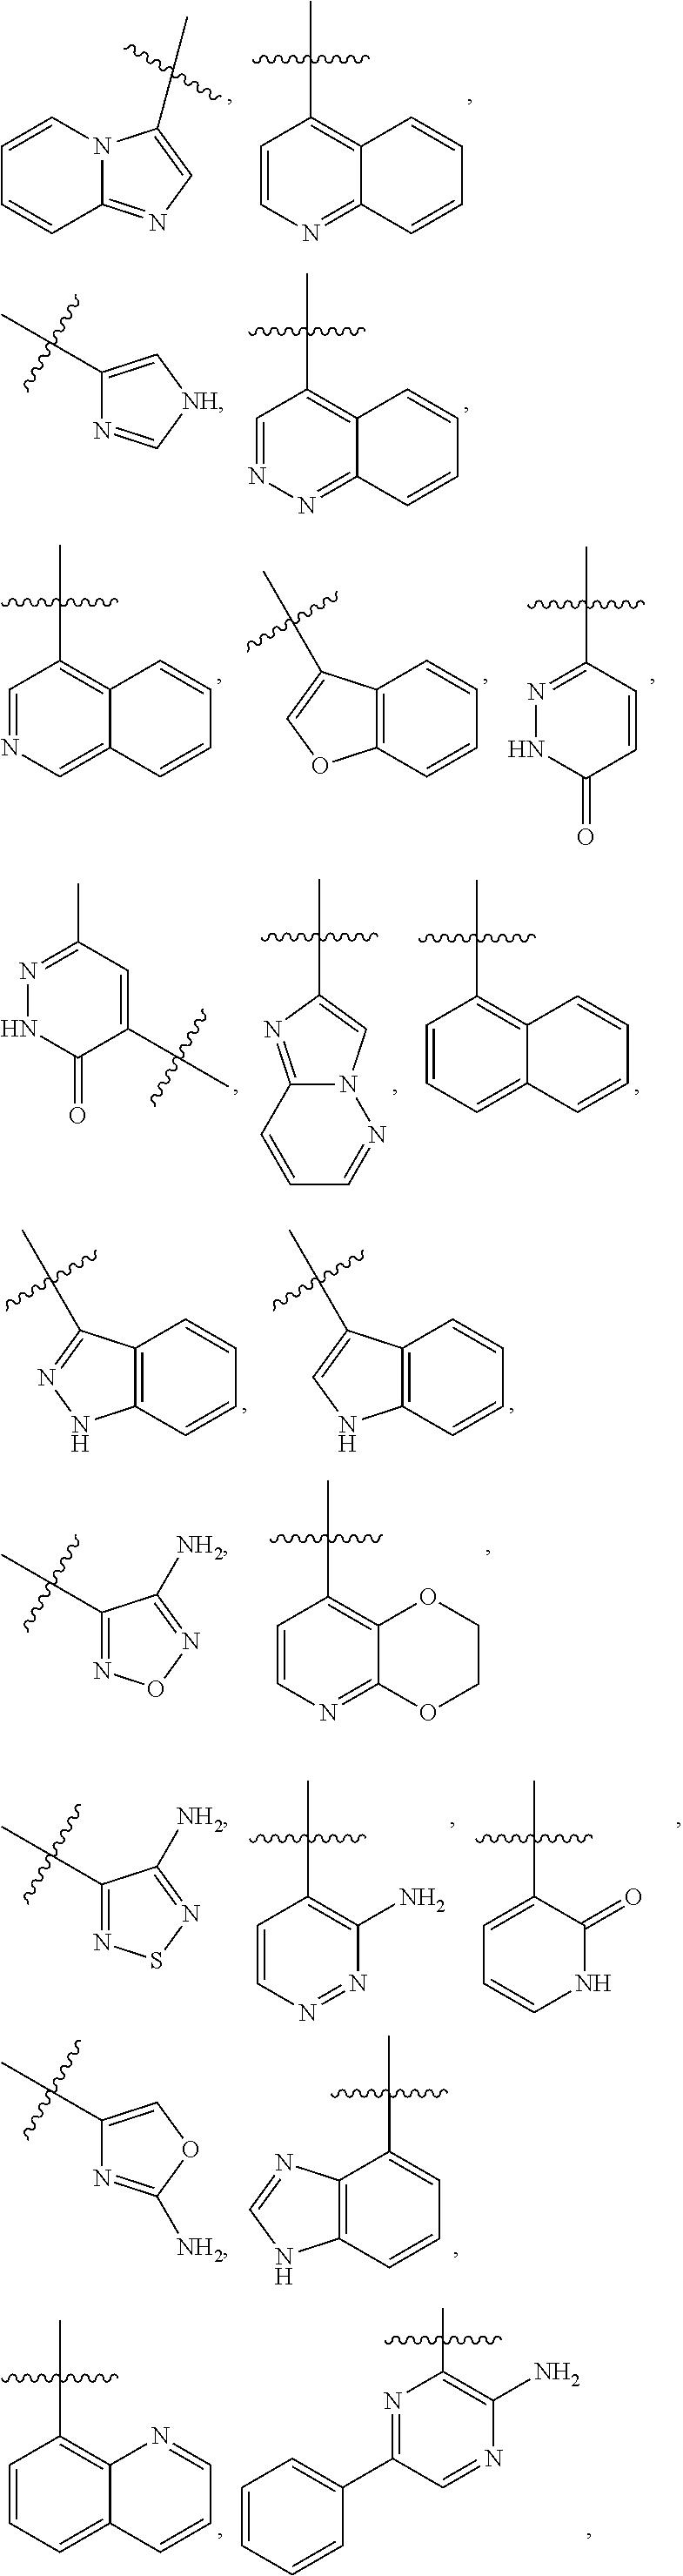 Figure US08940742-20150127-C00031